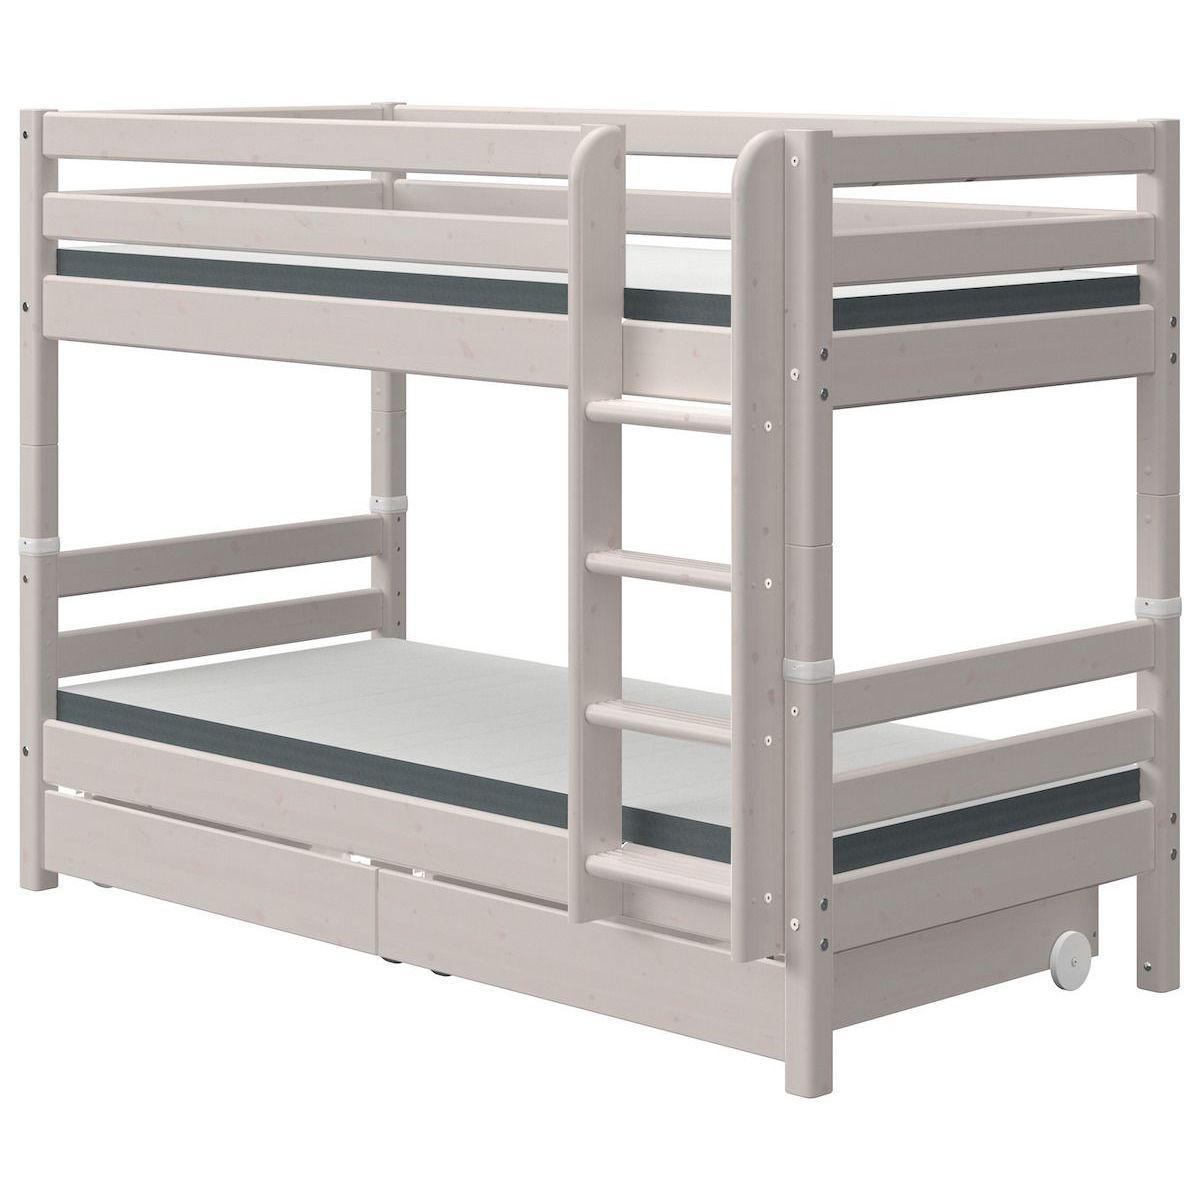 Litera 90x200cm escalera recta-2 cajones CLASSIC Flexa grey washed